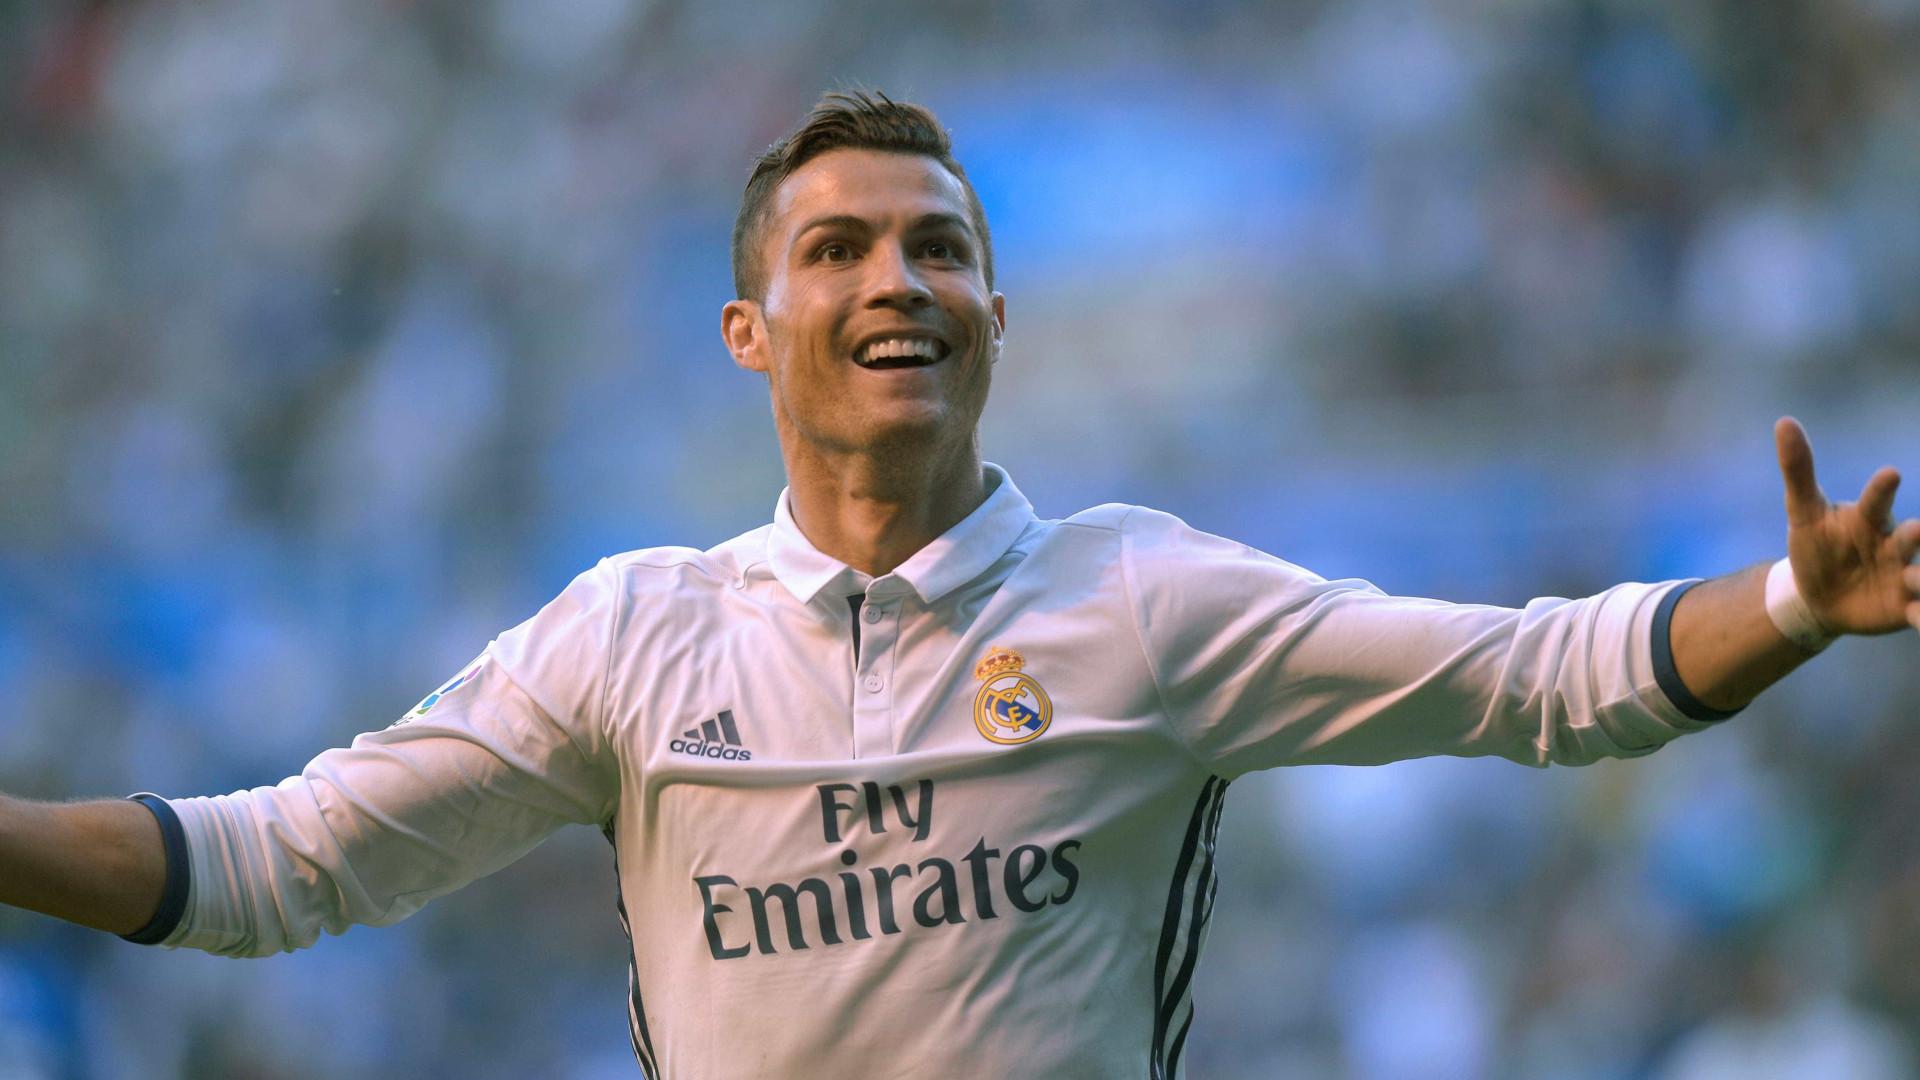 Revista diz que Ronaldo quis pagar menos à alegada vítima de violação